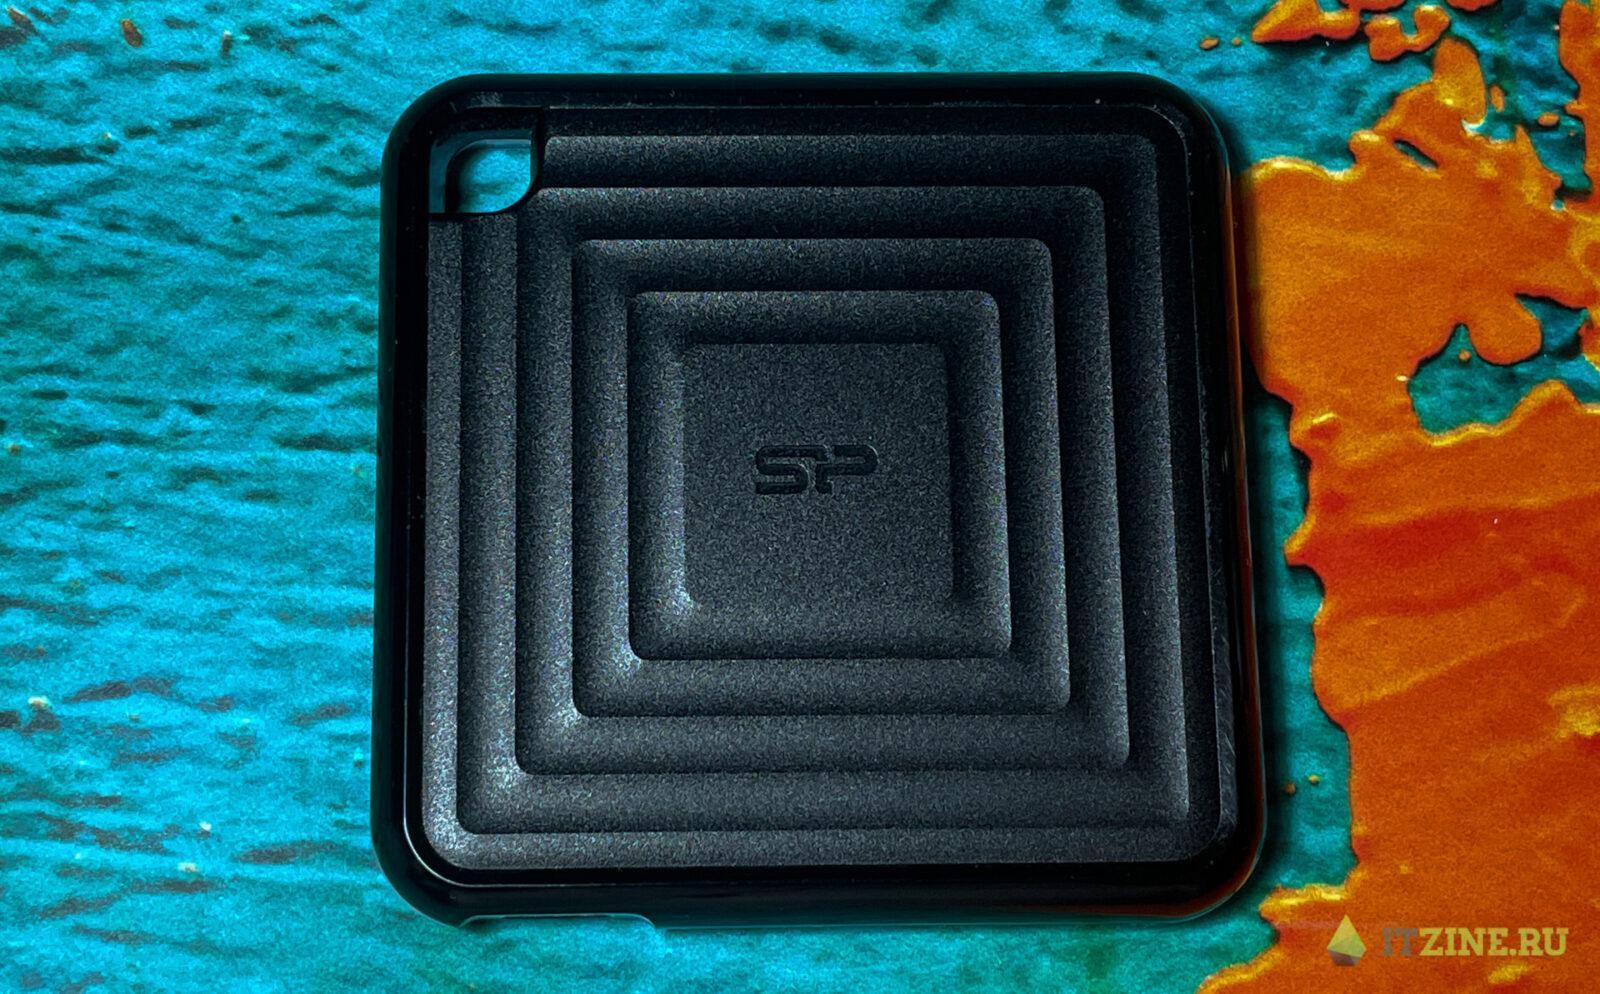 Обзор недорогого внешнего SSD-накопителя Silicon Power PC60 (pc60 05)